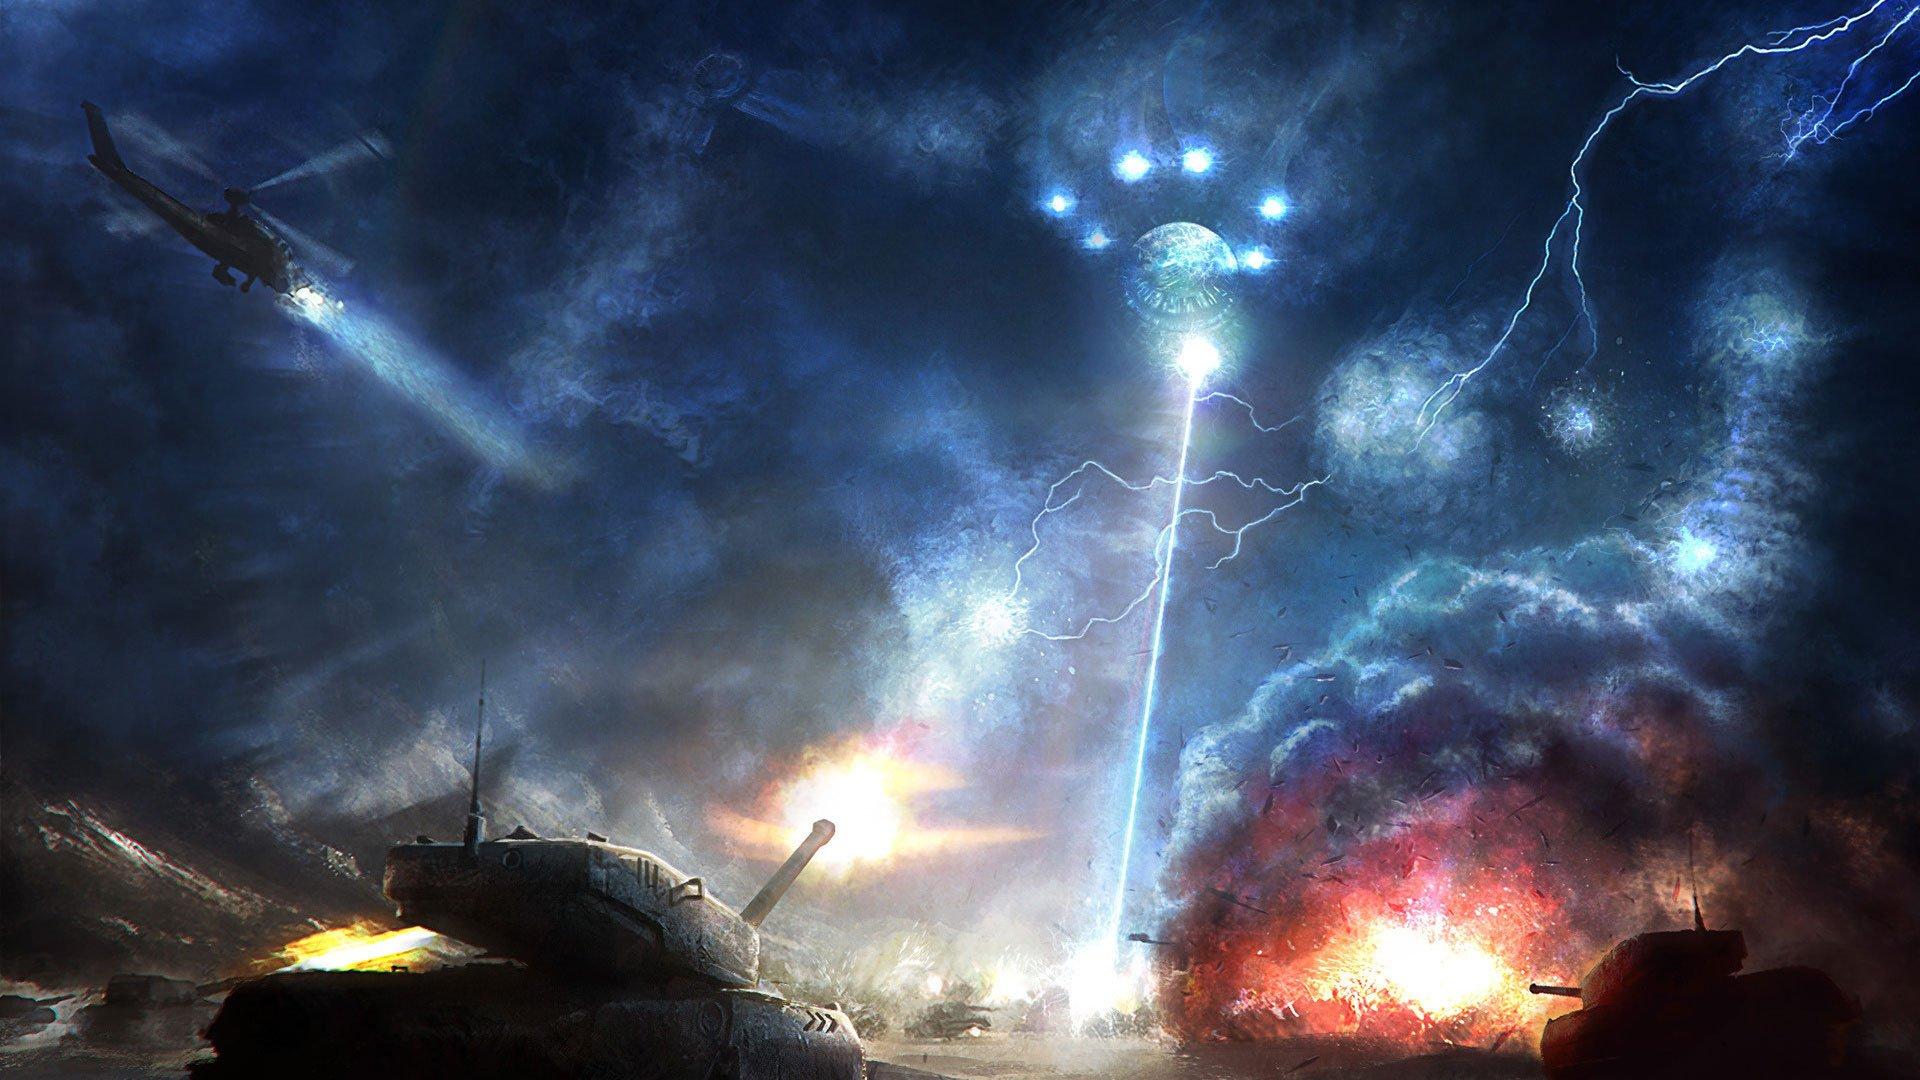 Уфологи разглядели накарте окрестностей Лондона корабль из«Звездных войн»